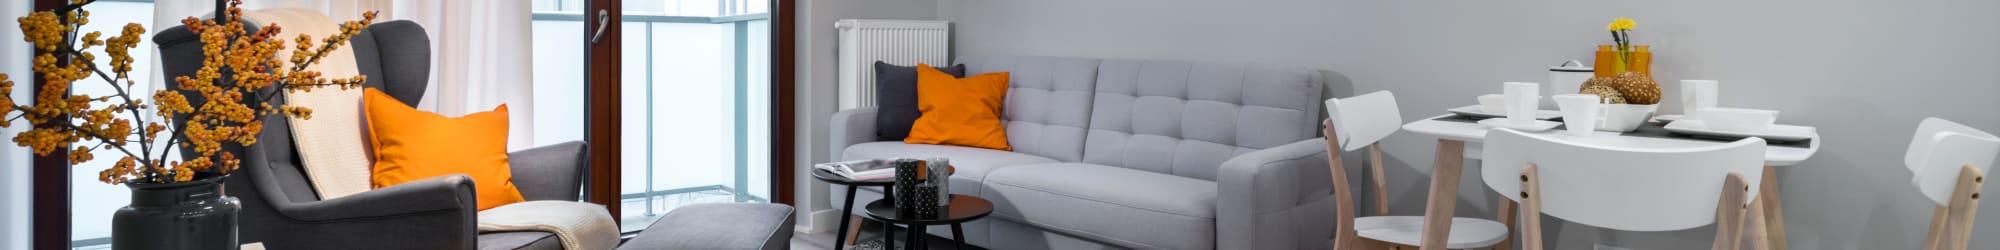 Apply to Bennington Hills Apartments in West Henrietta, New York